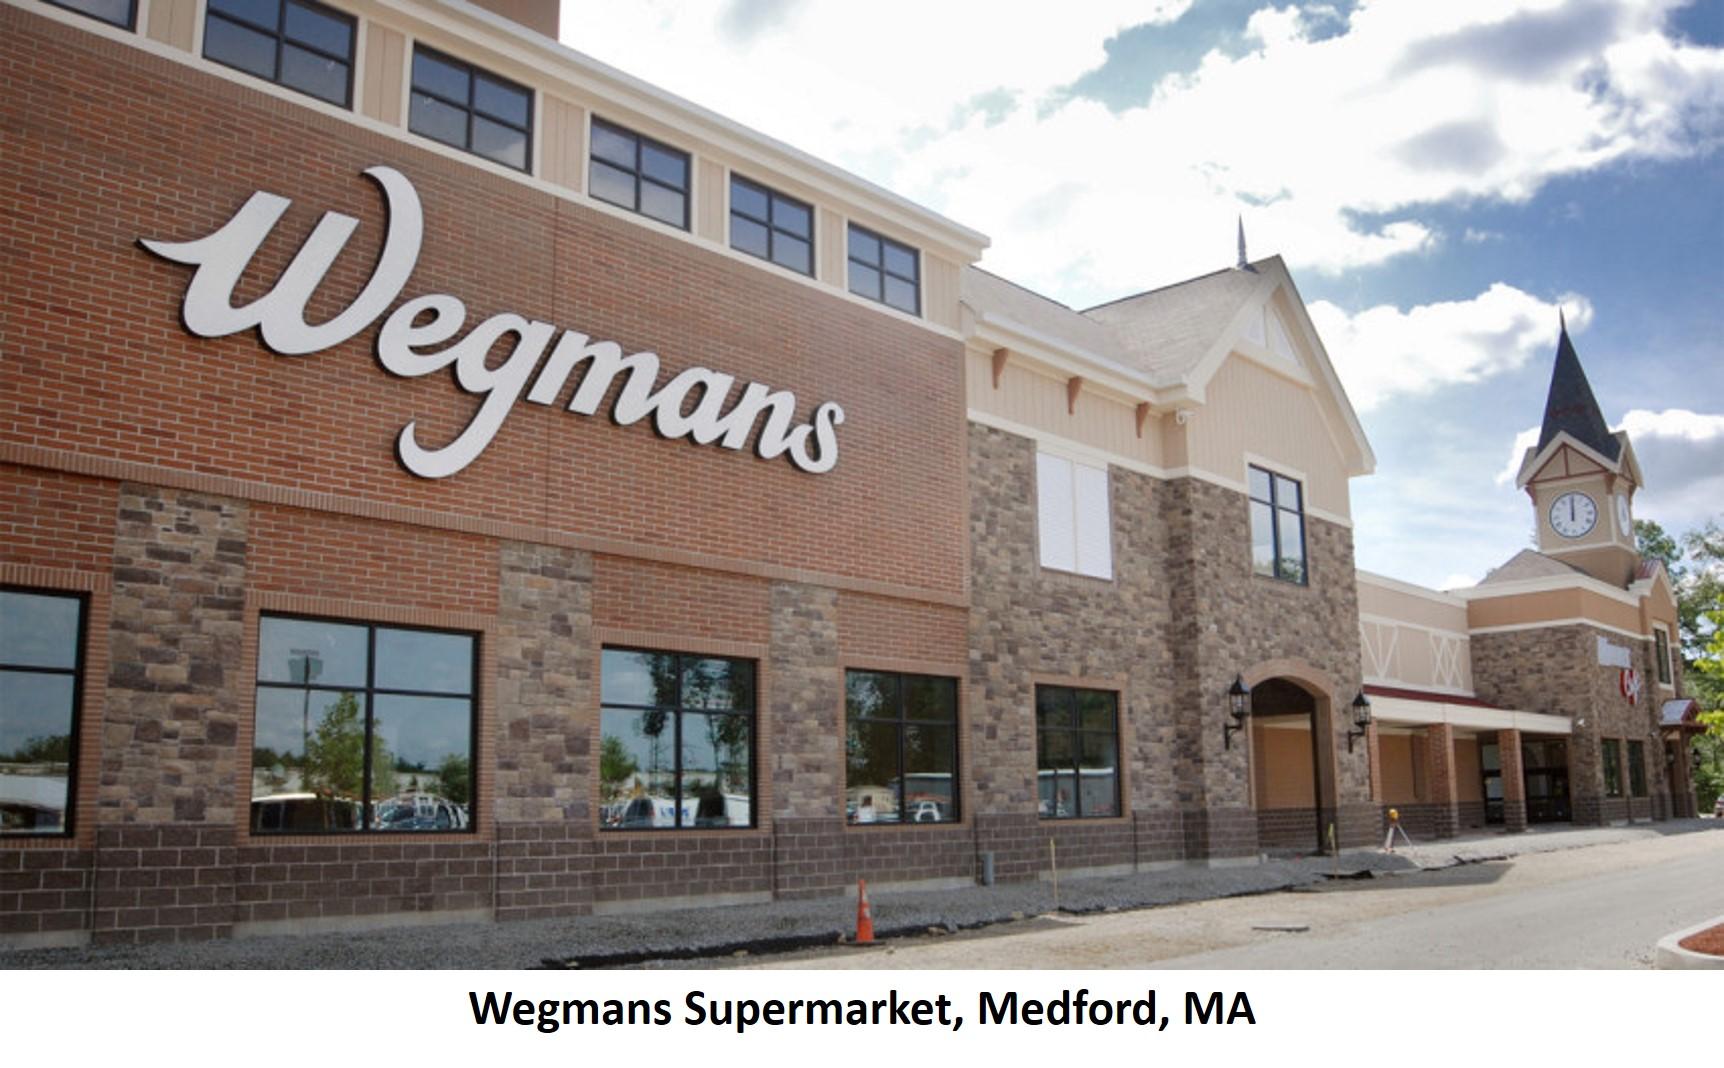 Wegmans Supermarket Medford MA